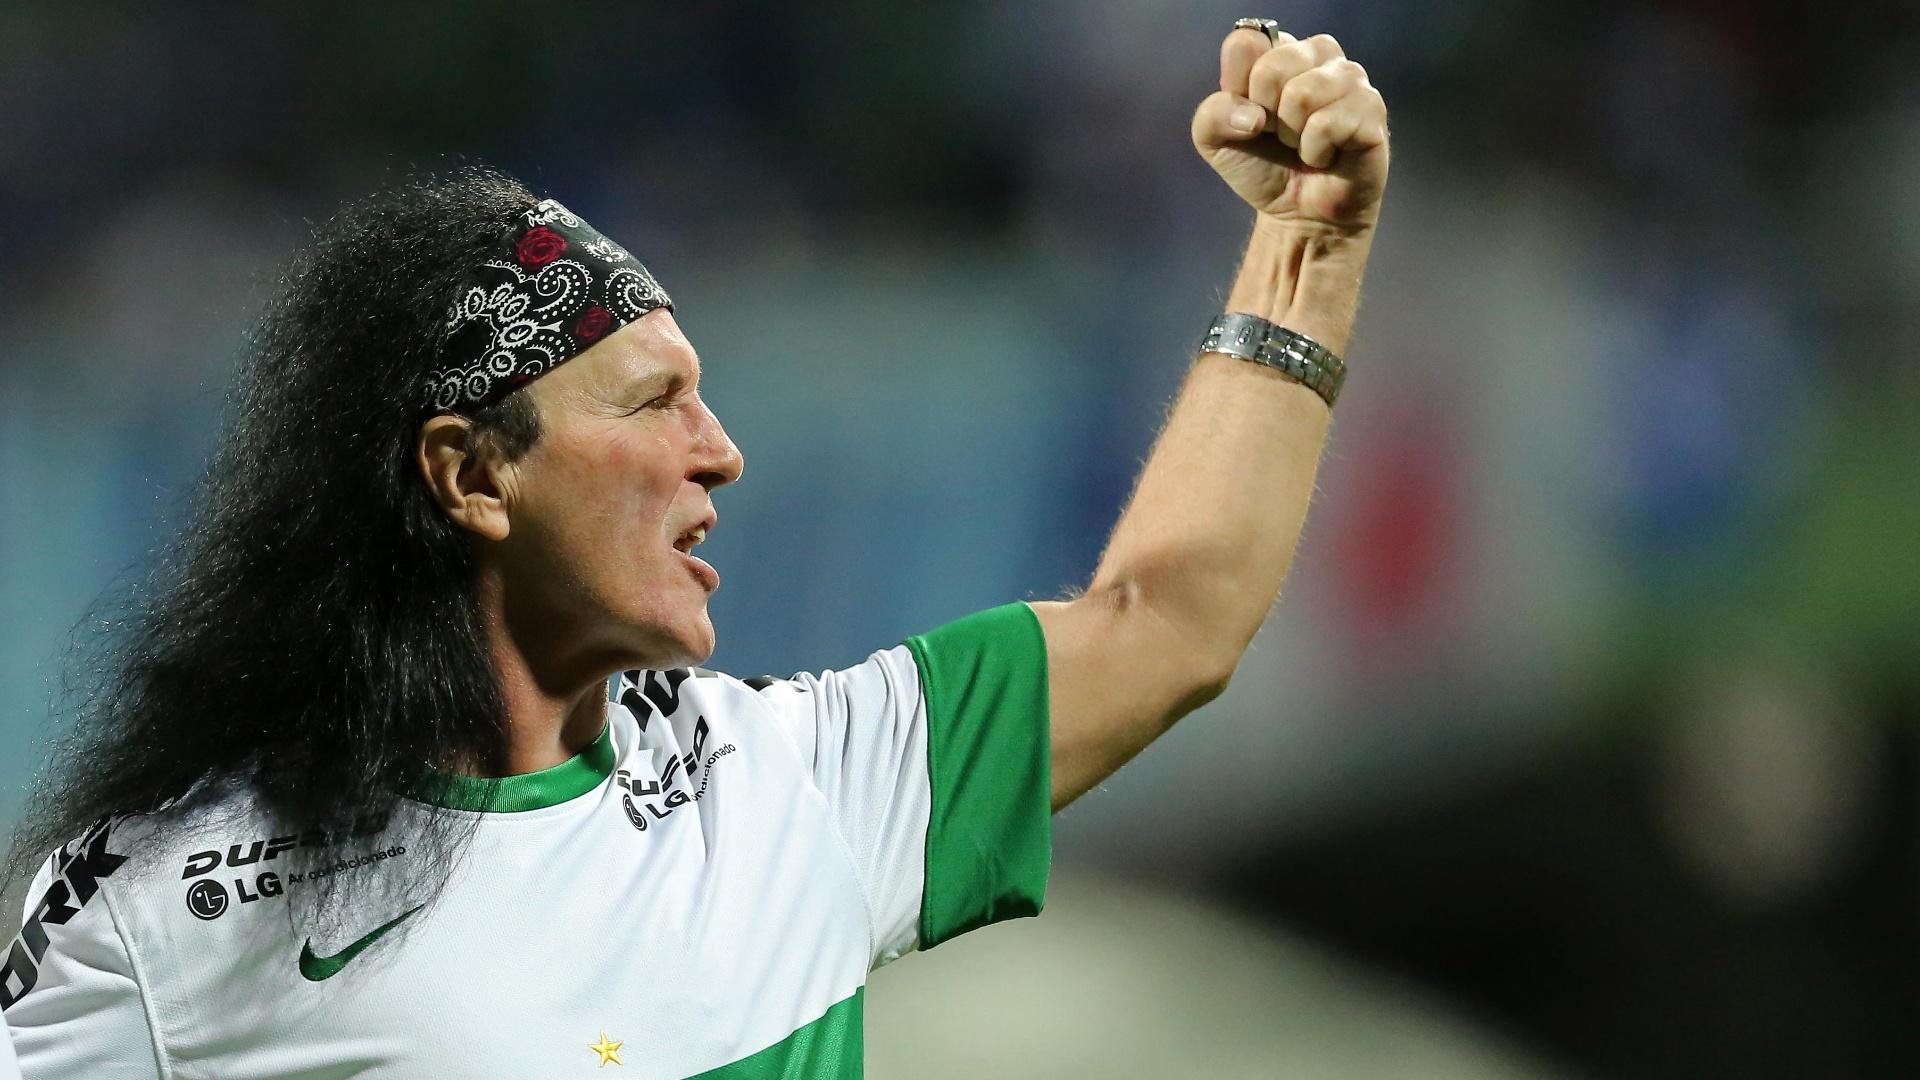 Ex-vocalista do AC/DC, Dave Evans torce para o Coritiba no Estádio Couto Pereira